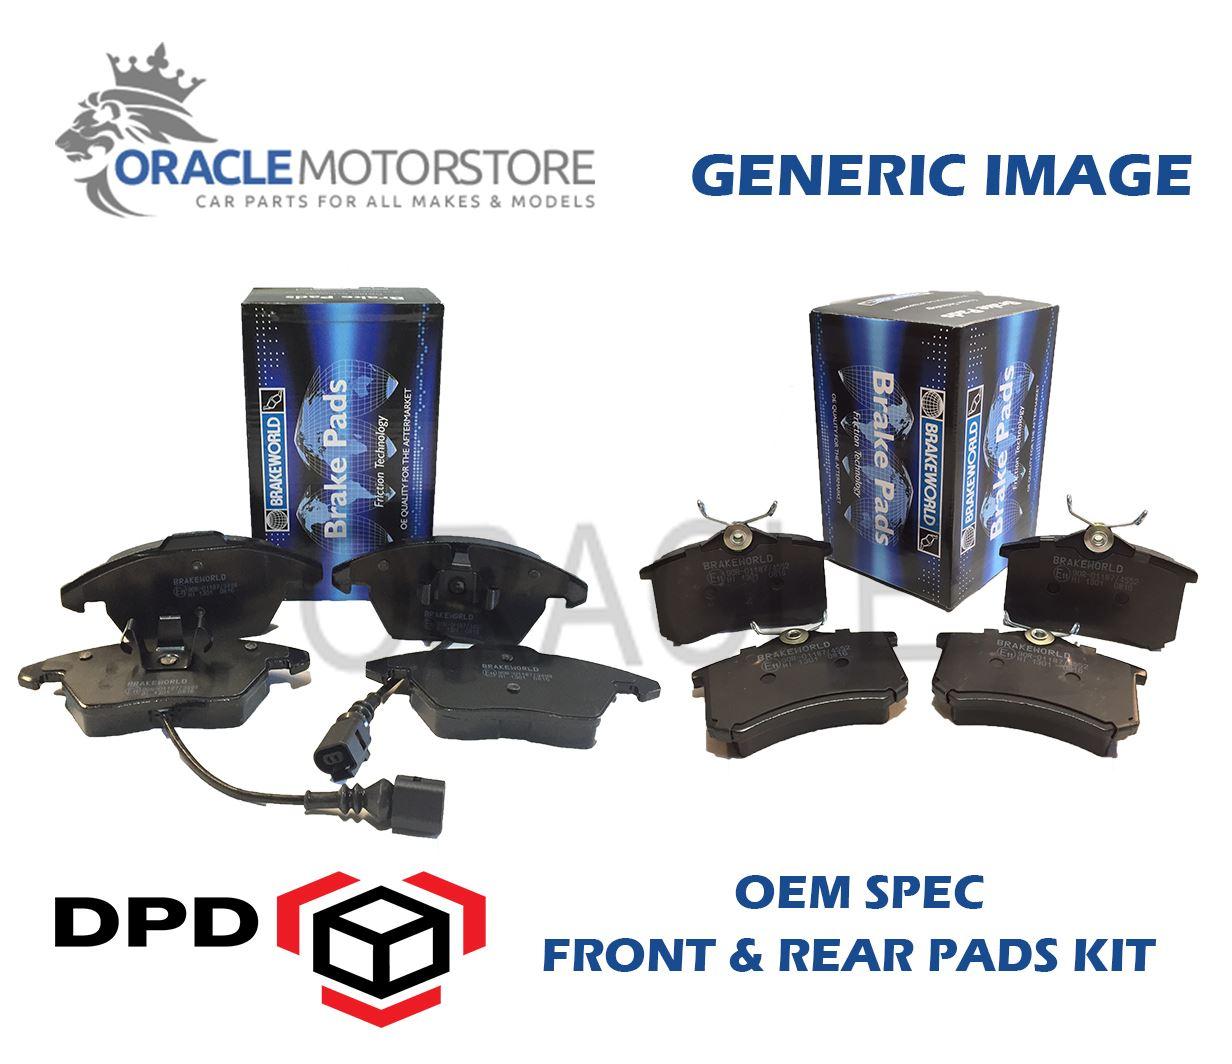 EE8 OEM SPEC FRONT REAR PADS FOR HONDA CIVIC CRX 1.6 VTEC 1990-92